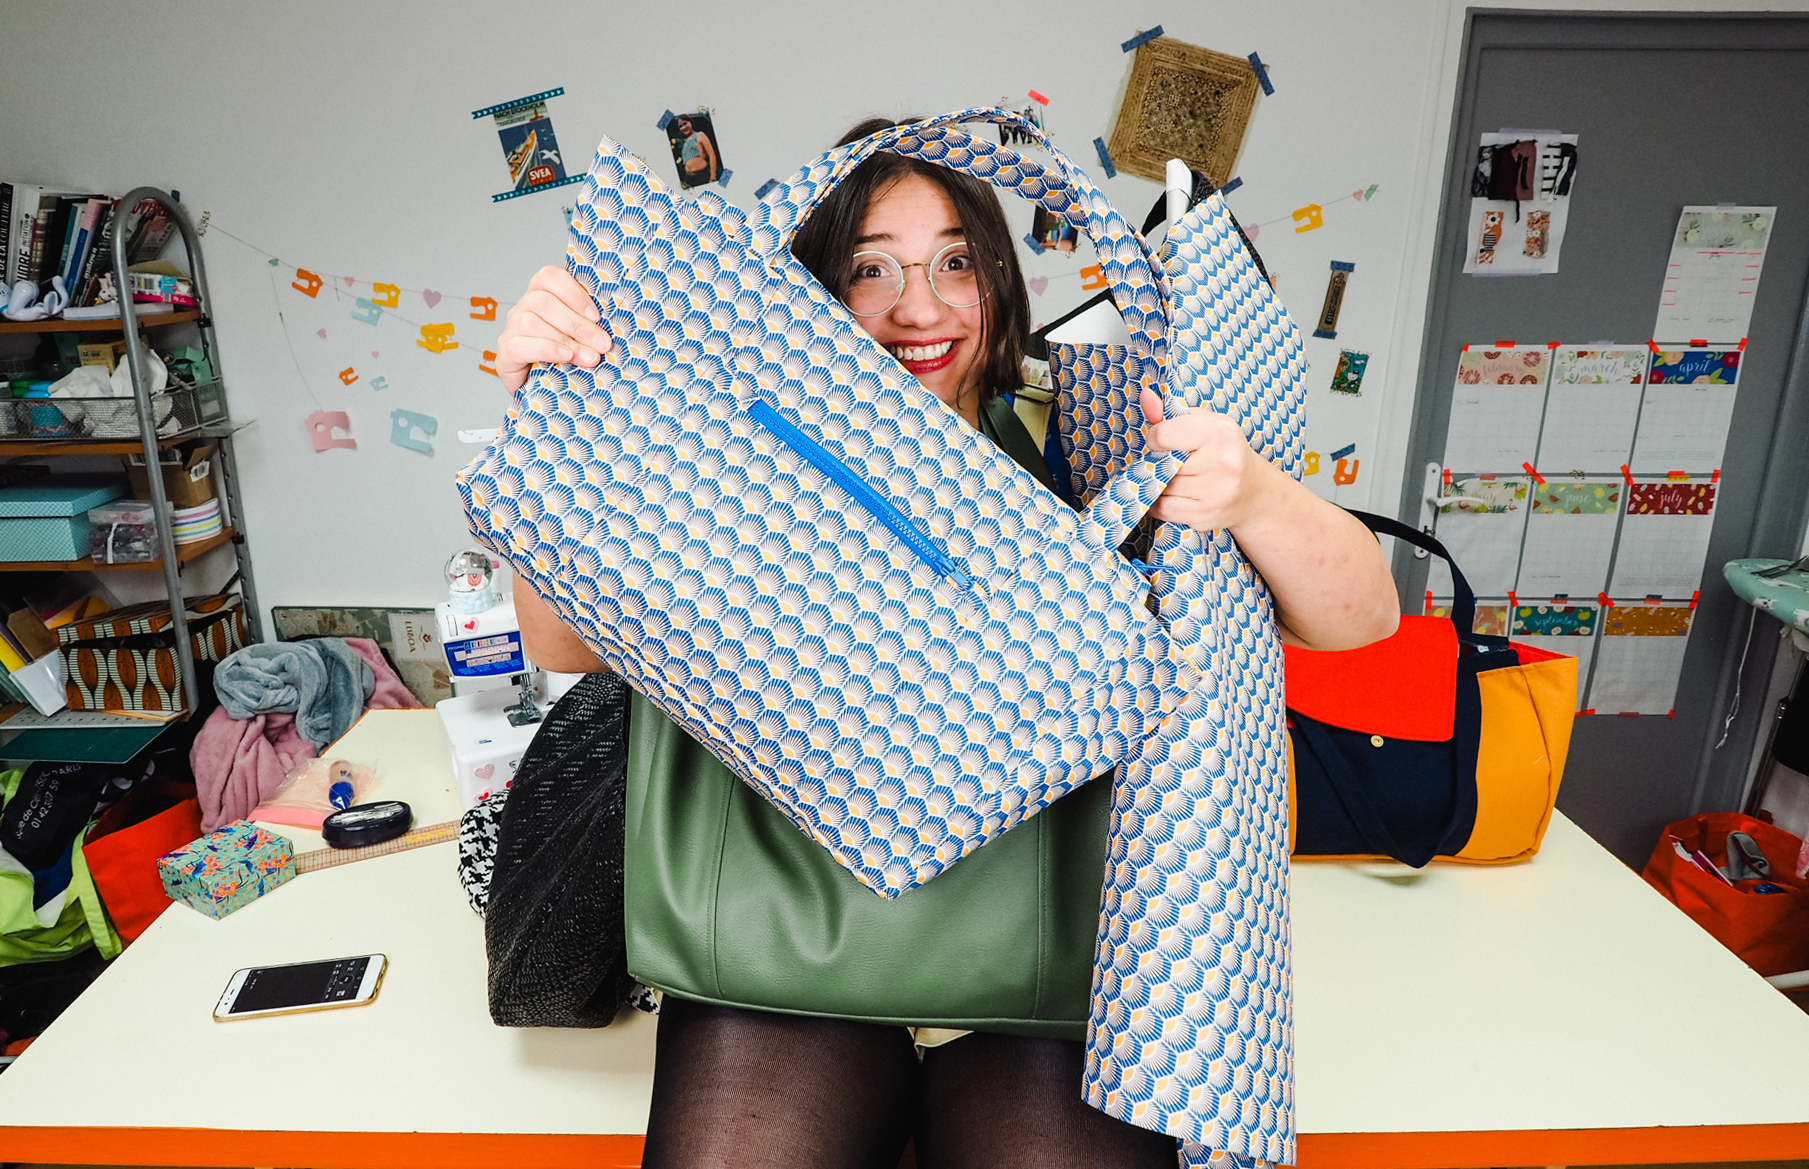 la vie d'entrepreneur : créatrice de patron de couture